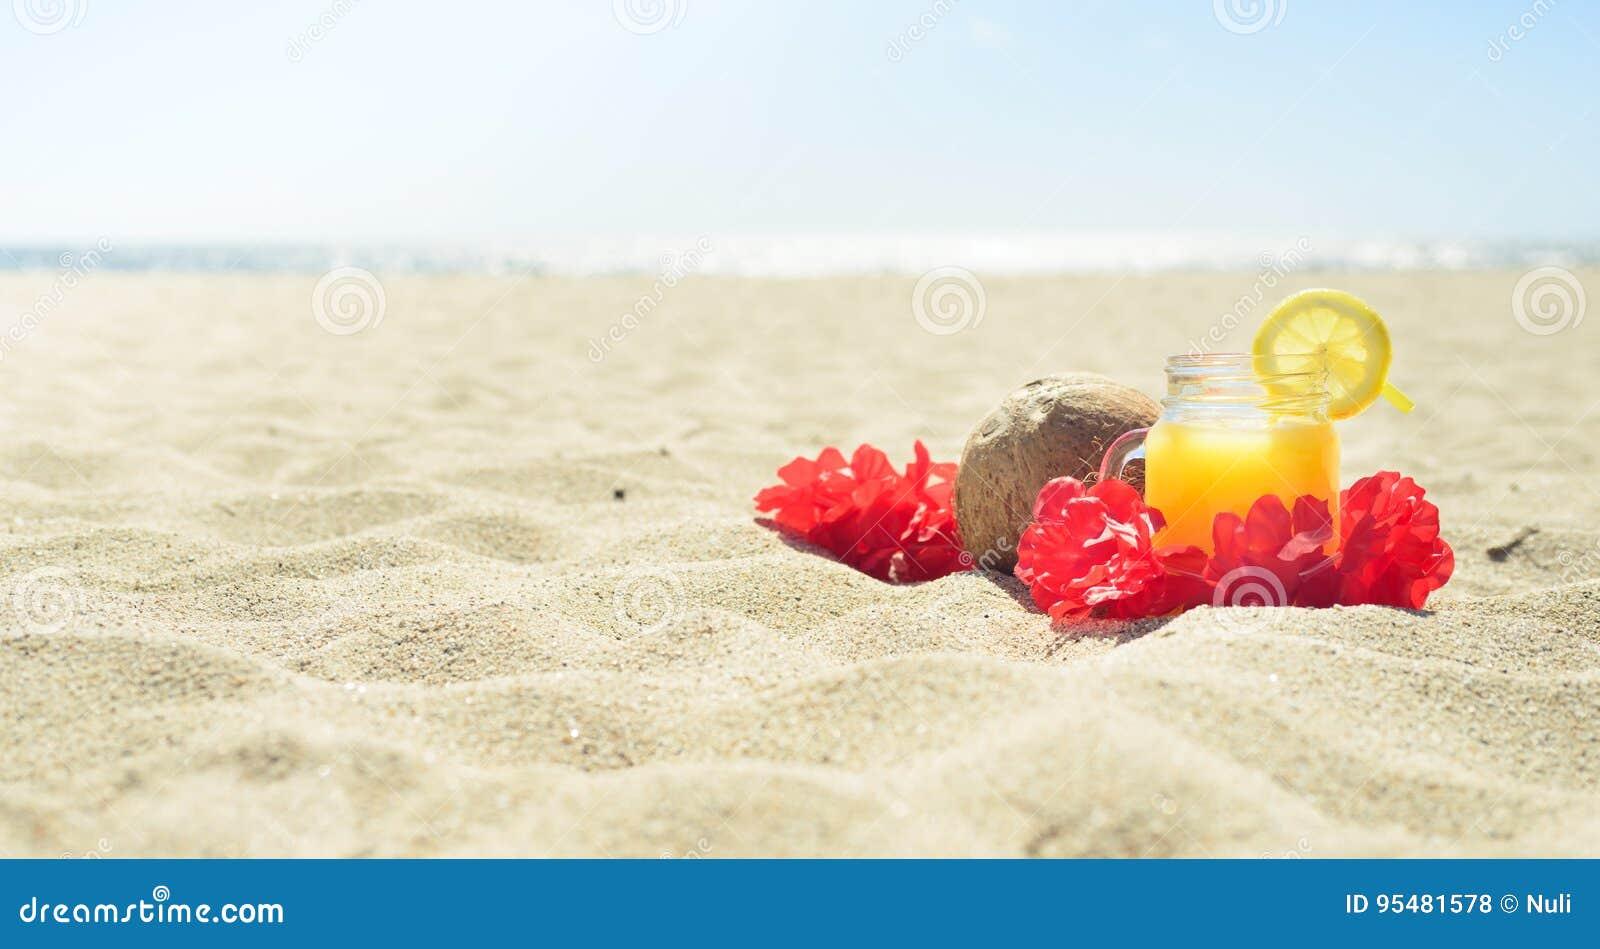 Czerwona Hawajska lei girlanda na plaży